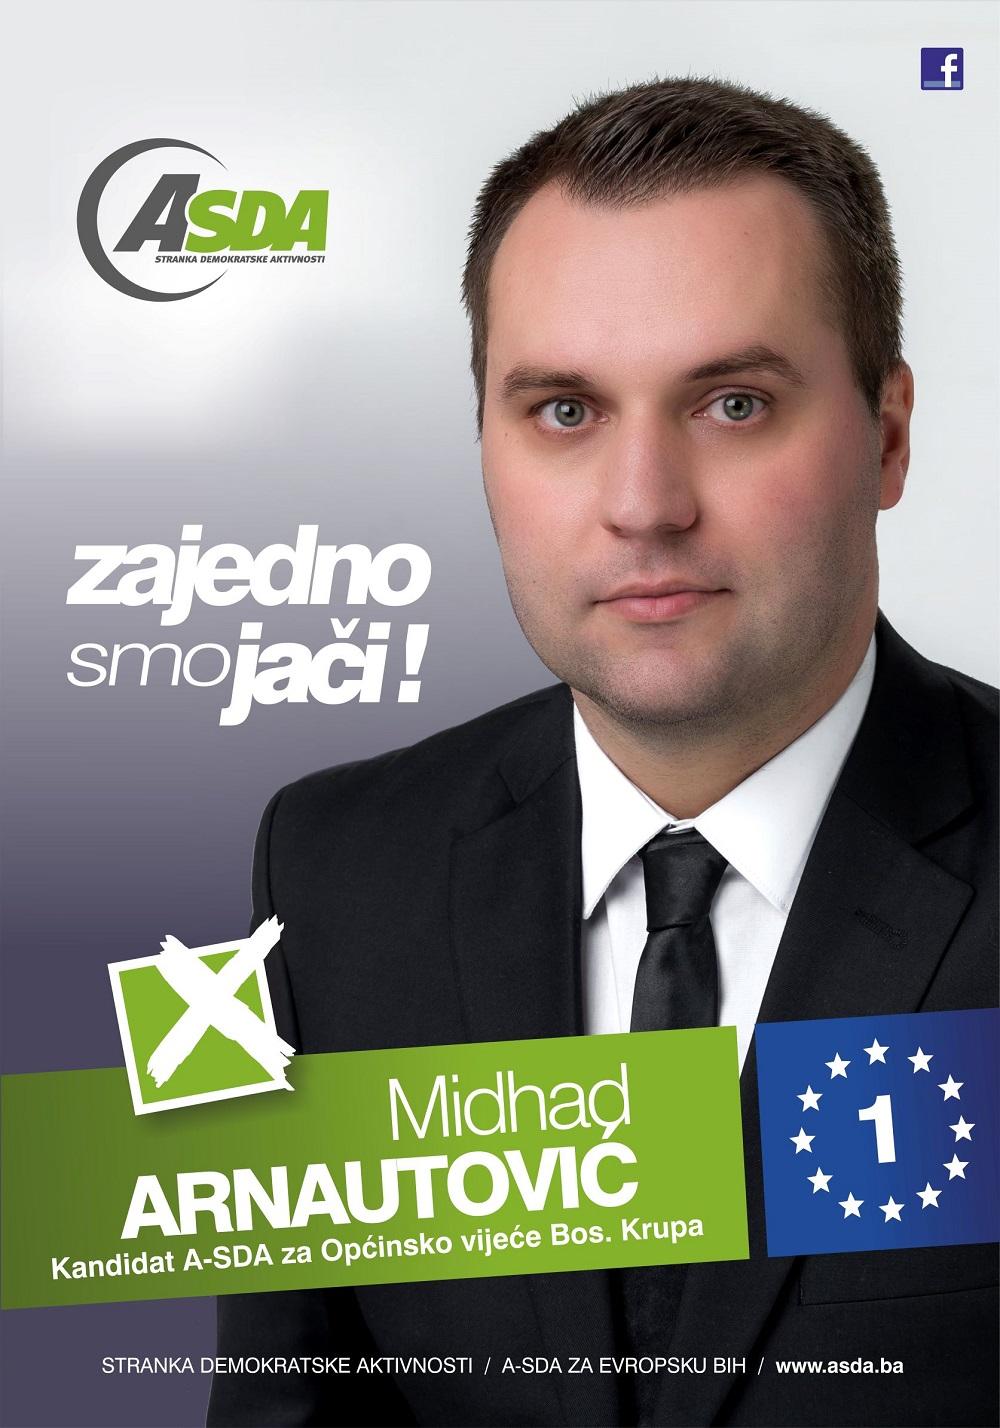 Midhad Arnautović